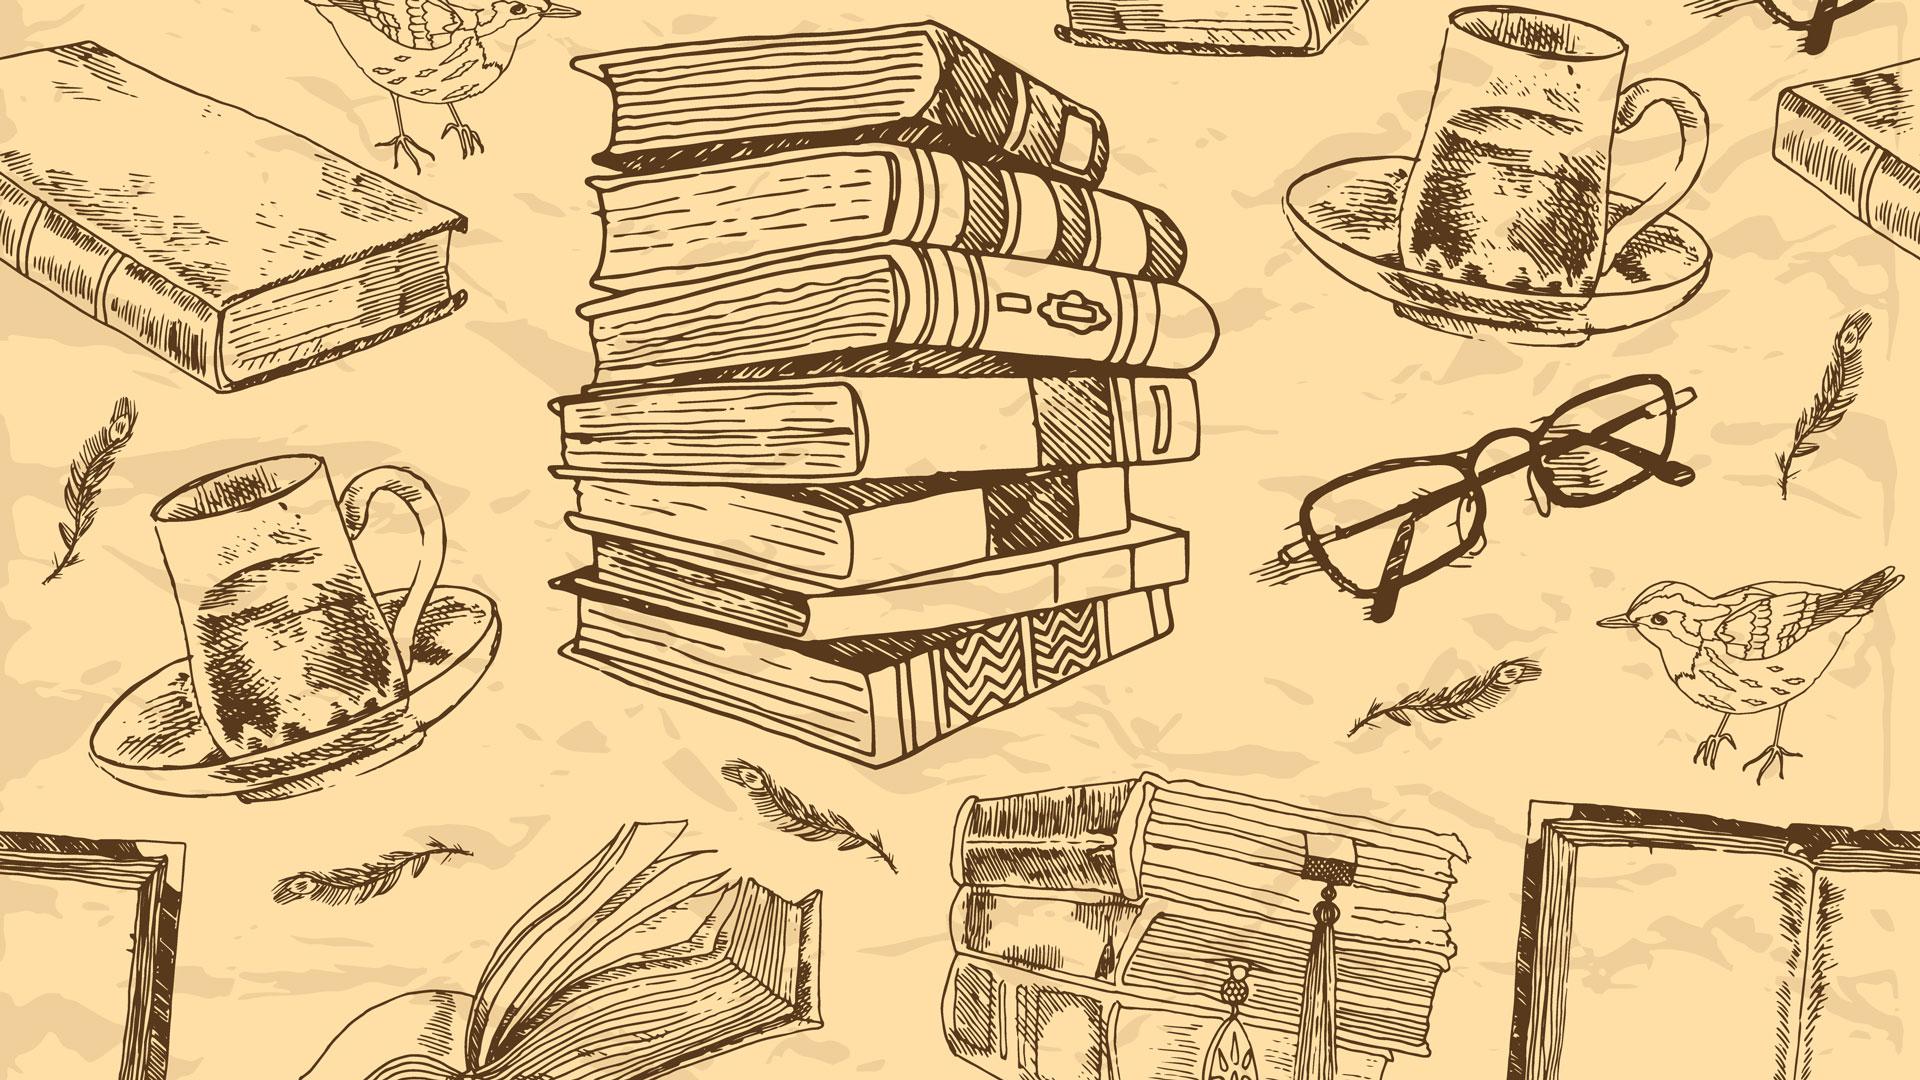 El conocimiento es el nuevo dinero: tienes que seguir aprendiendo cada día